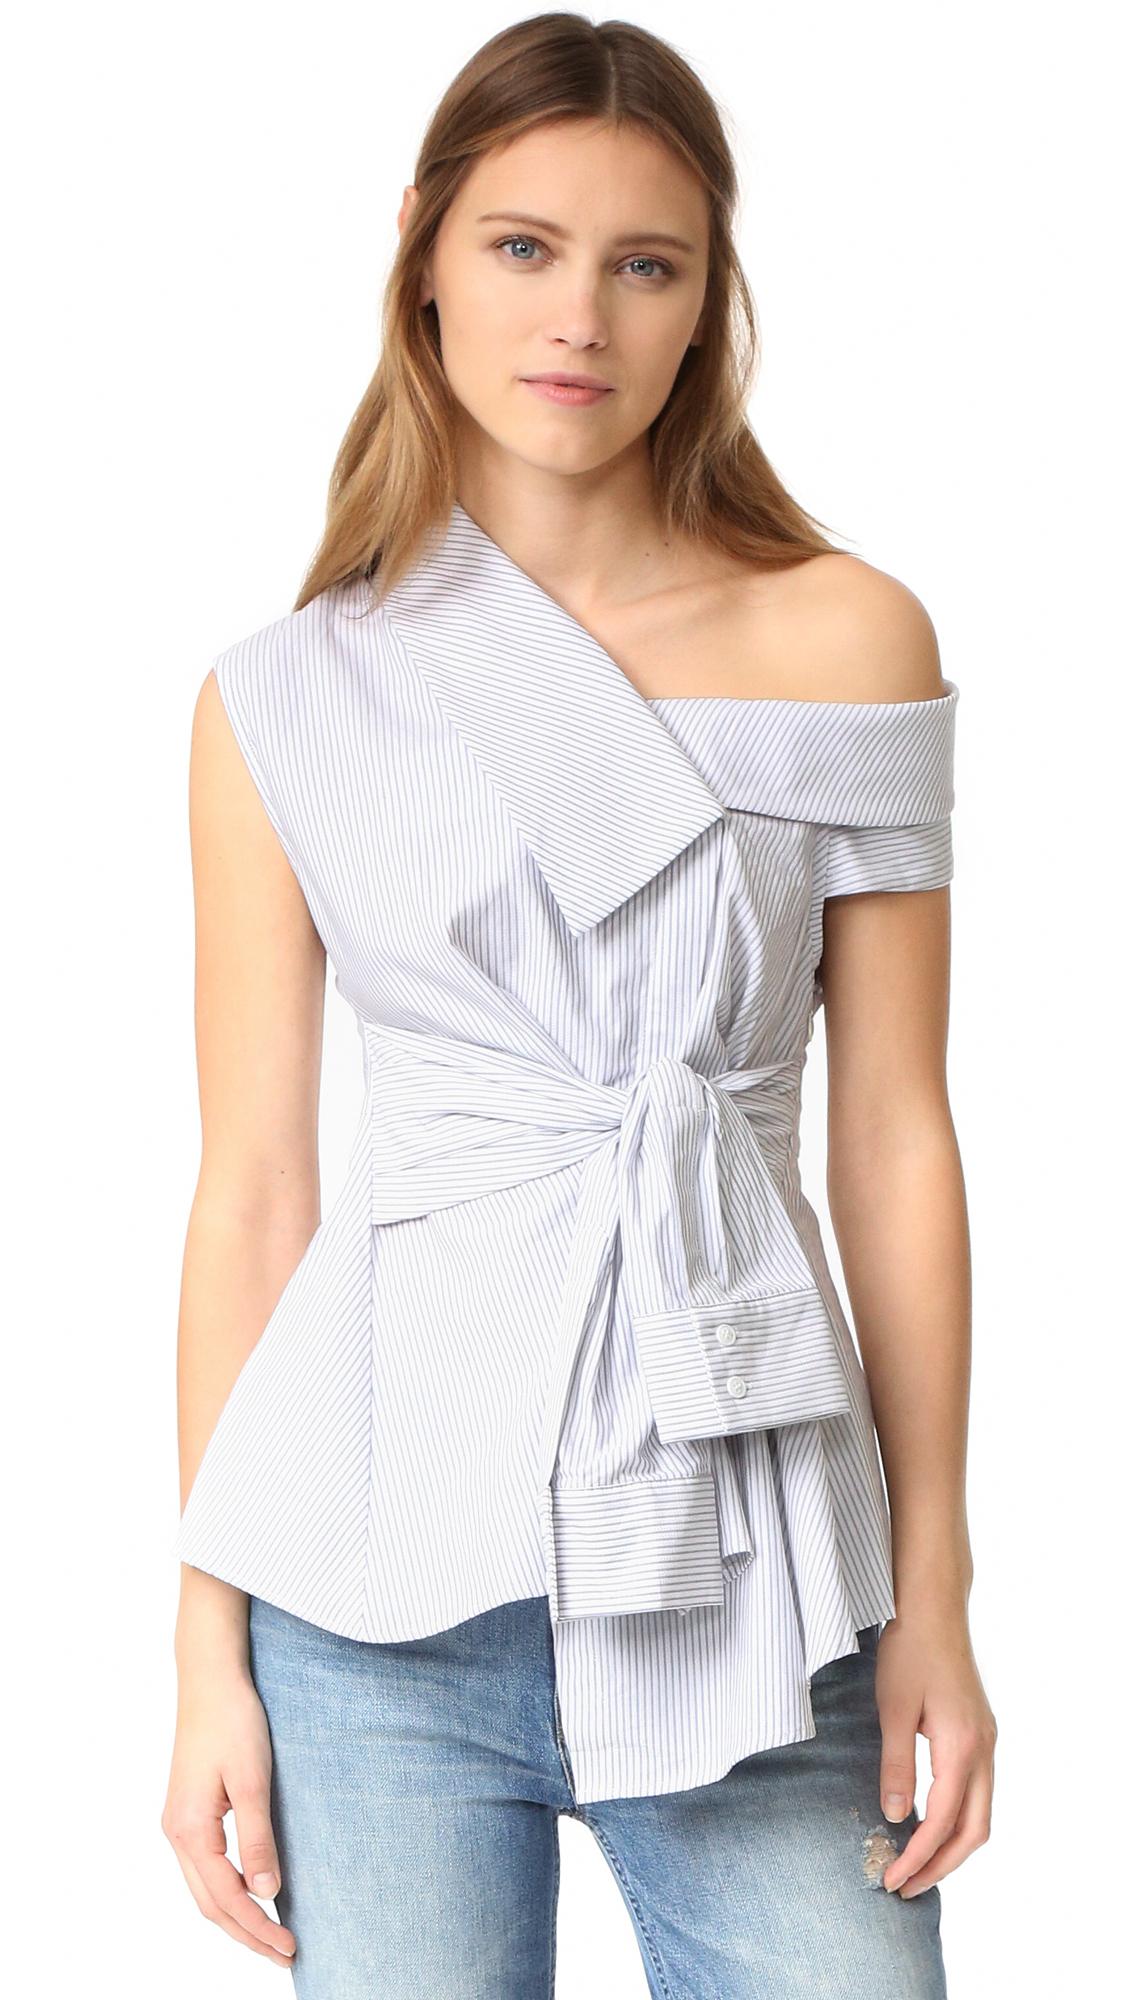 Acler Waldorf Shirt - Stripe at Shopbop